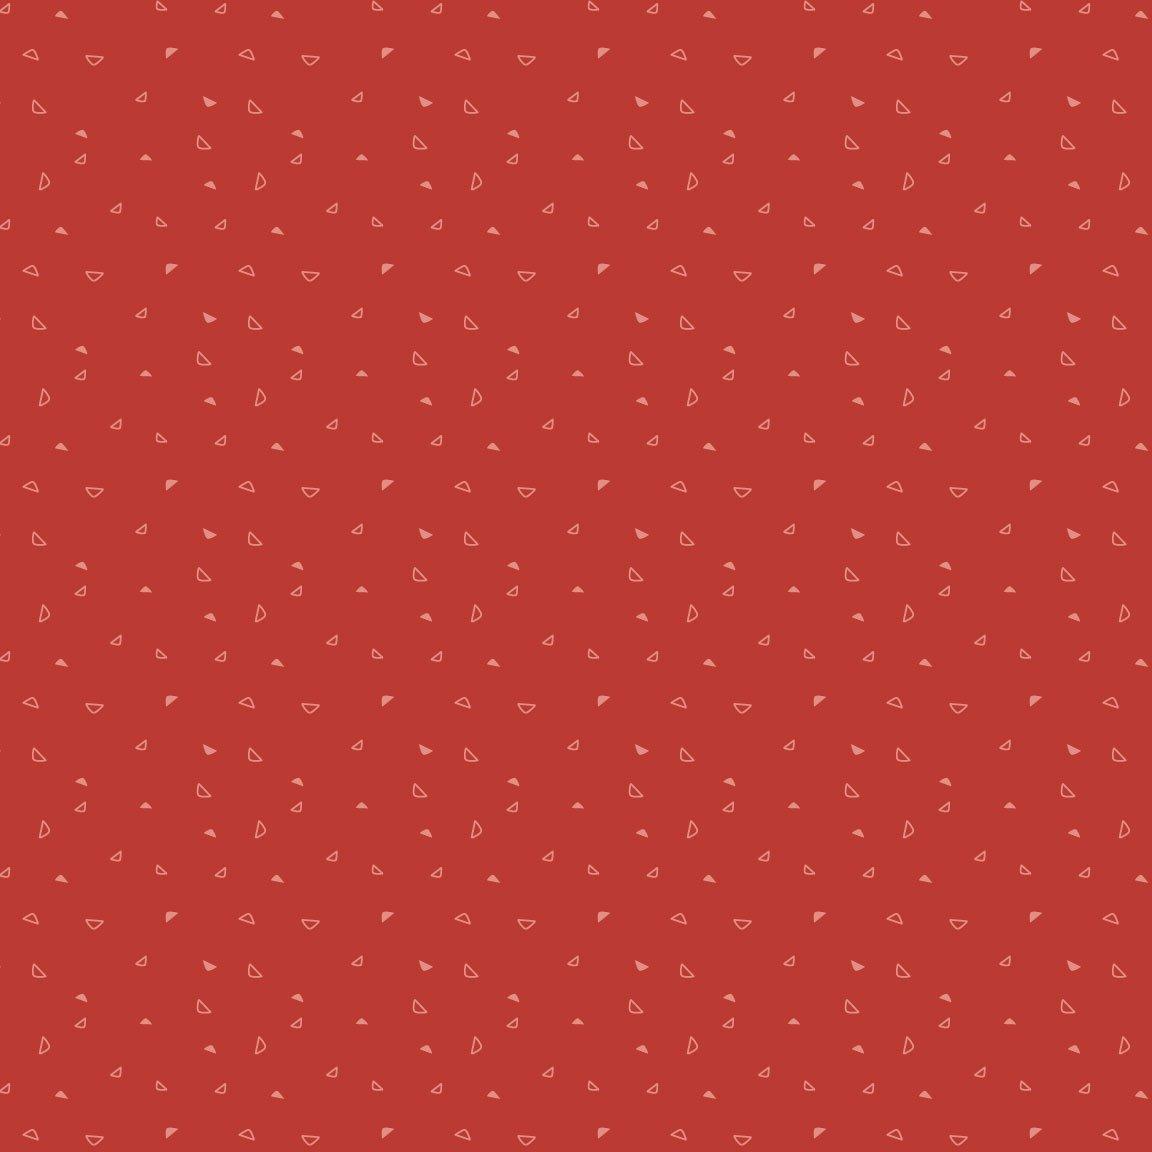 Sweet Bee Blenders Red